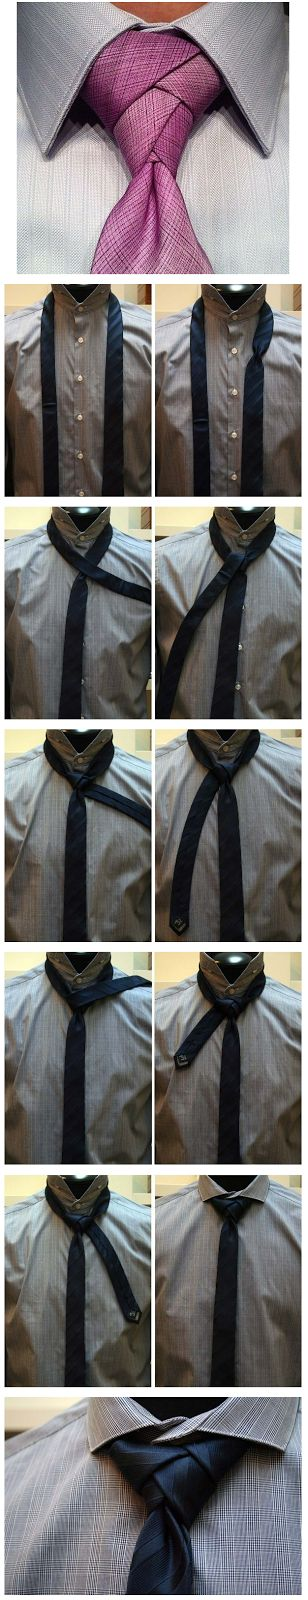 Manualidades para Hombres: Como hacer Nudo Nuevo de Corbata